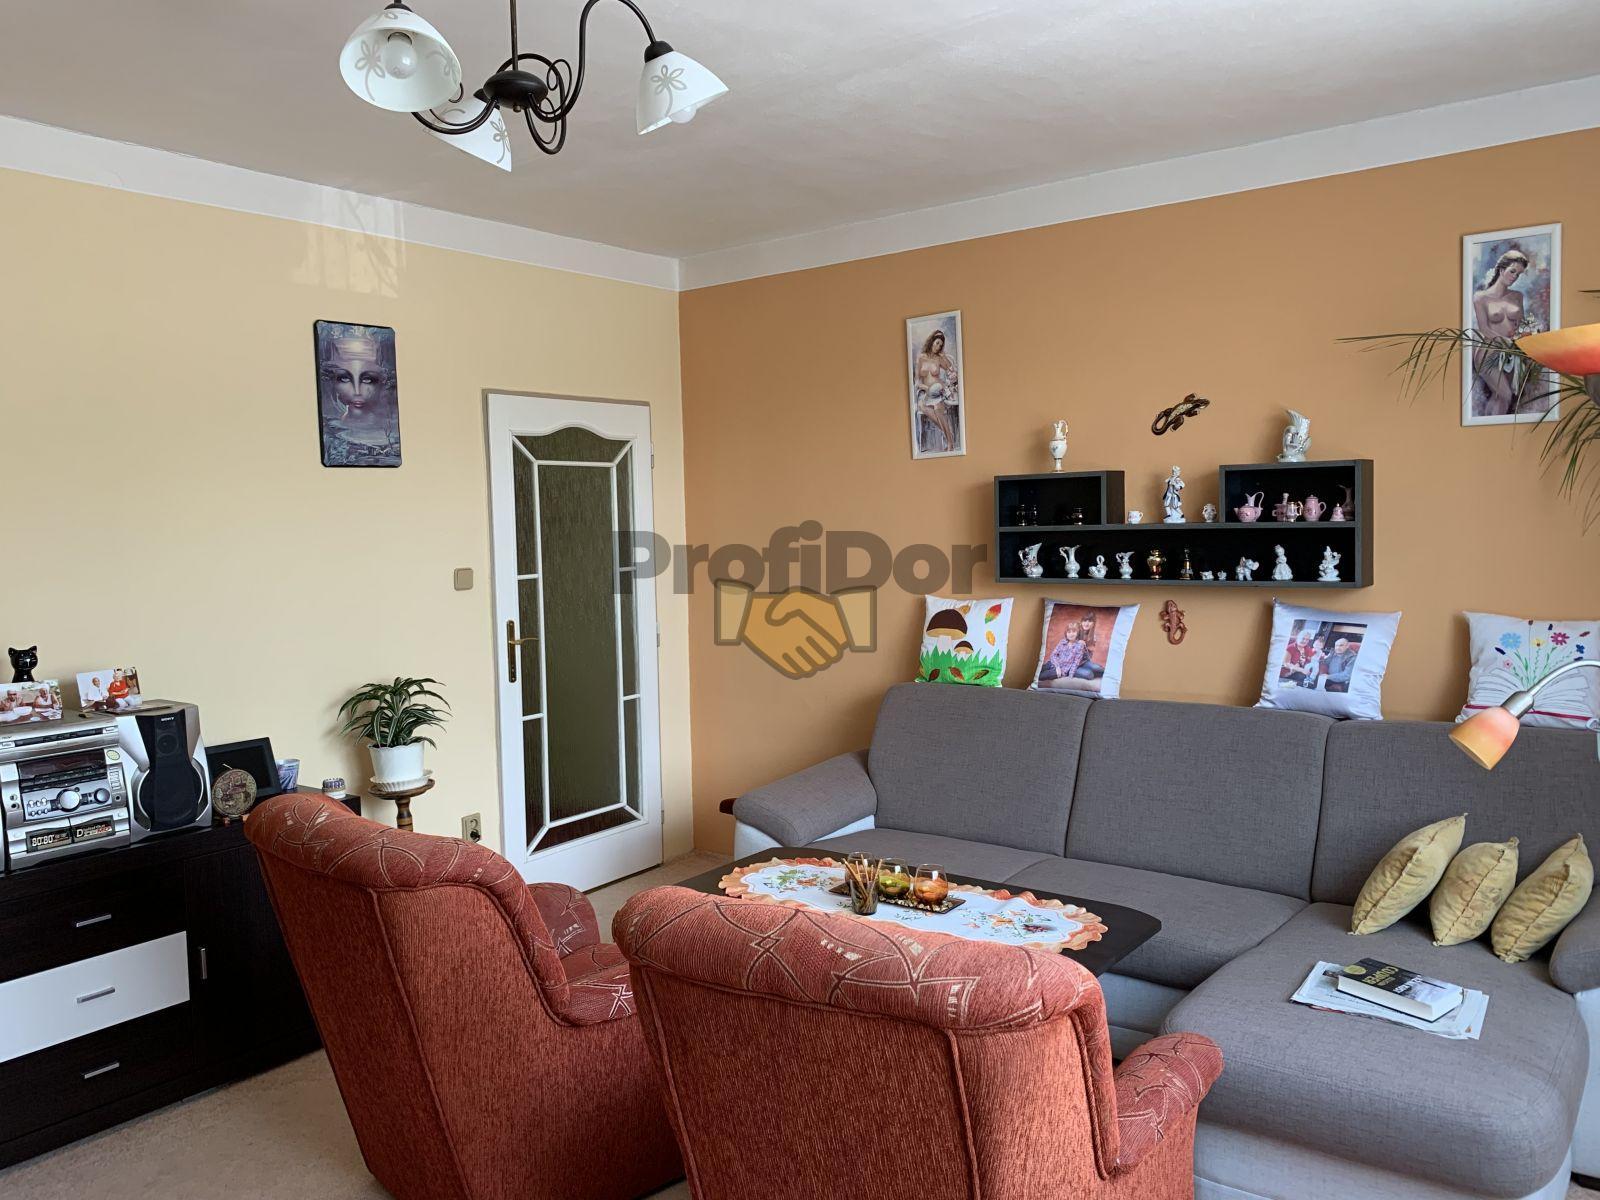 Prodej bytu 3+1 v osobním vlastnictví o CP 74 m2, obec Petrůvka